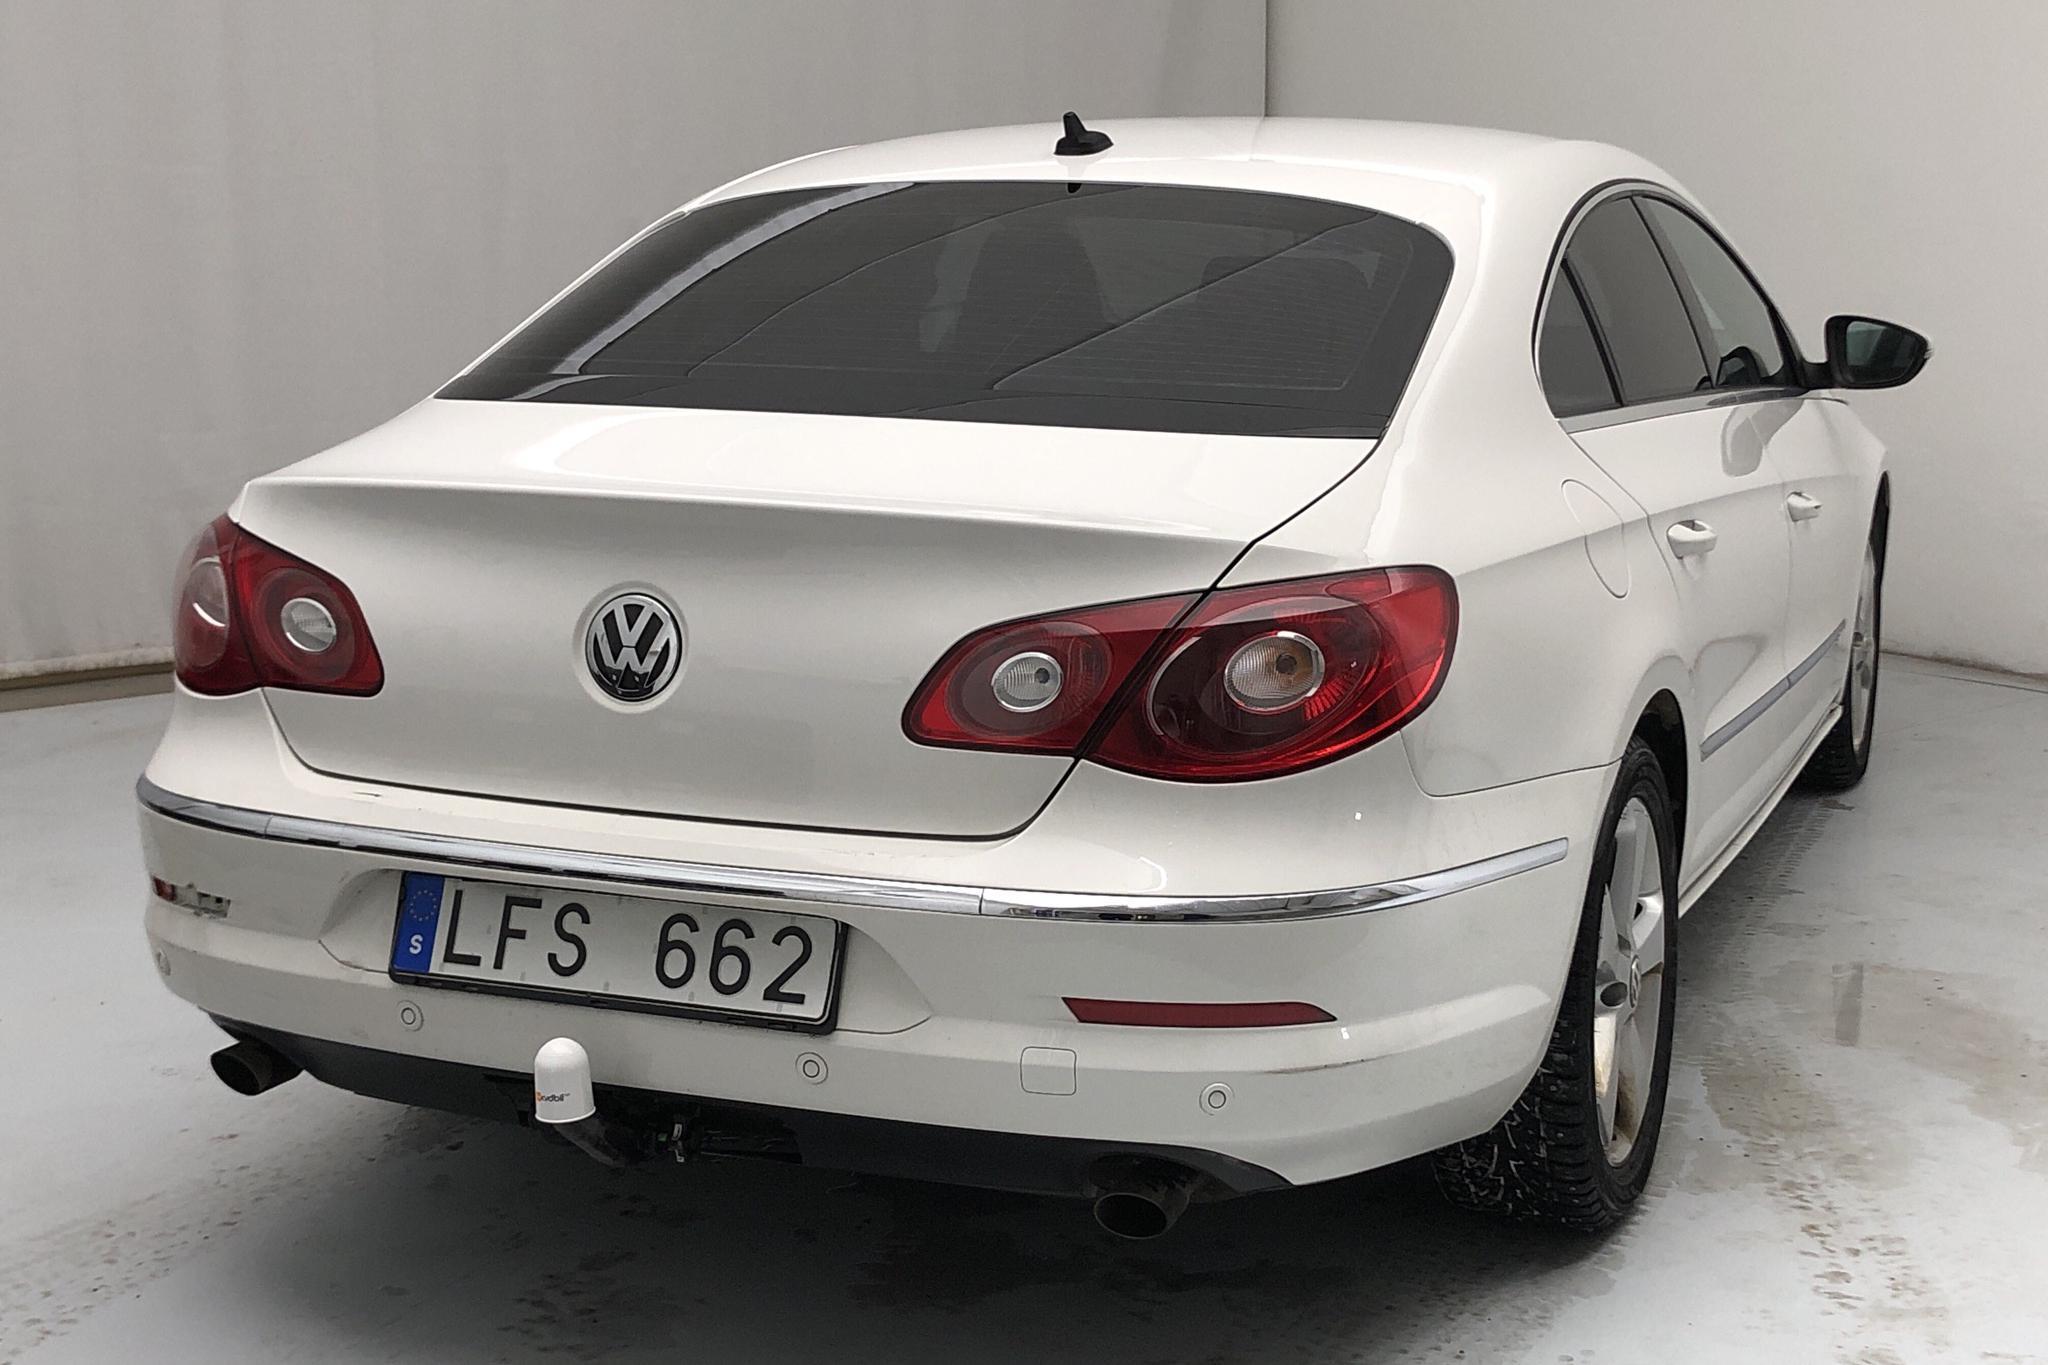 VW Passat CC 2.0 TDI 4Motion (170hk) - 19 540 mil - Automat - vit - 2011